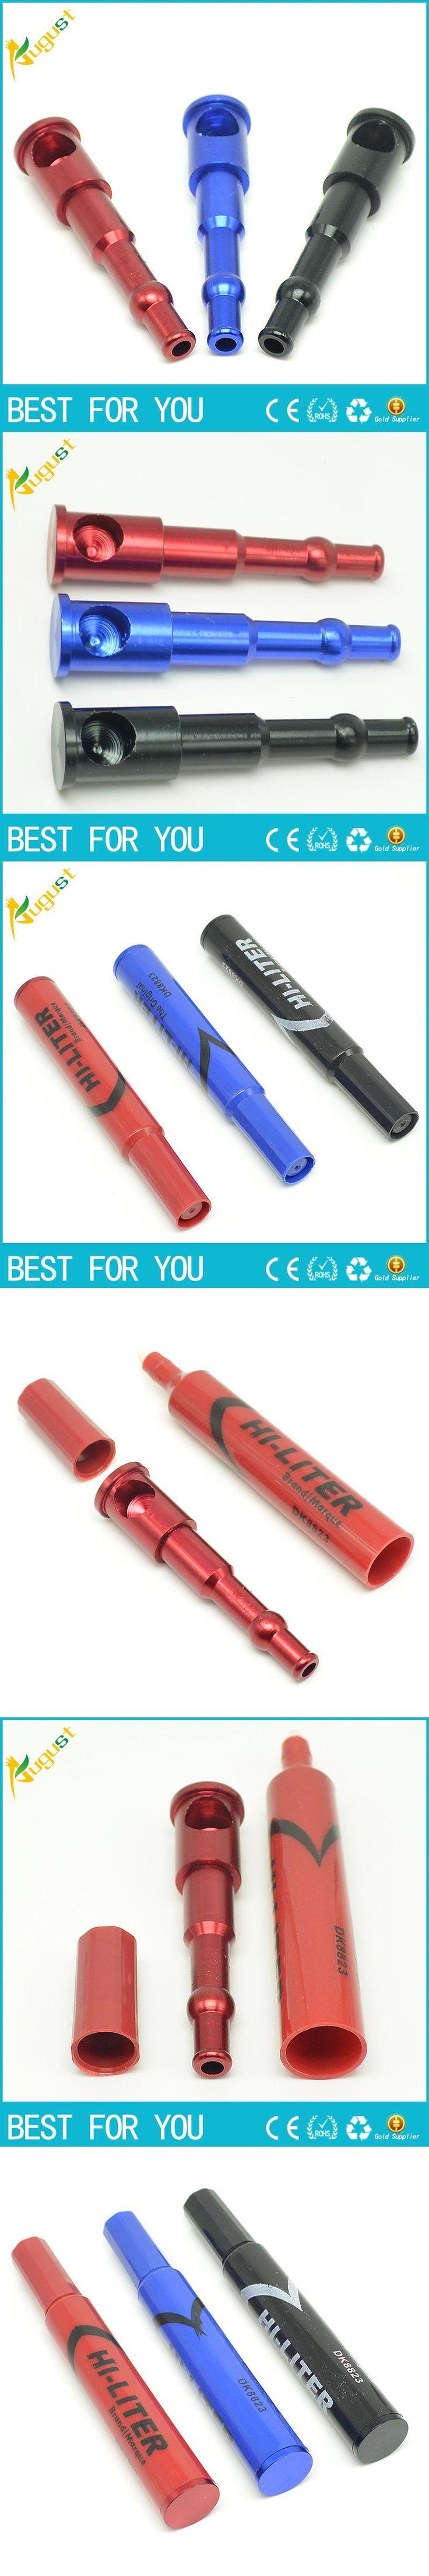 10pcs/lot  new pen design marker pen smoking pipe sneak a toke click vape vapor cigarettes pipe